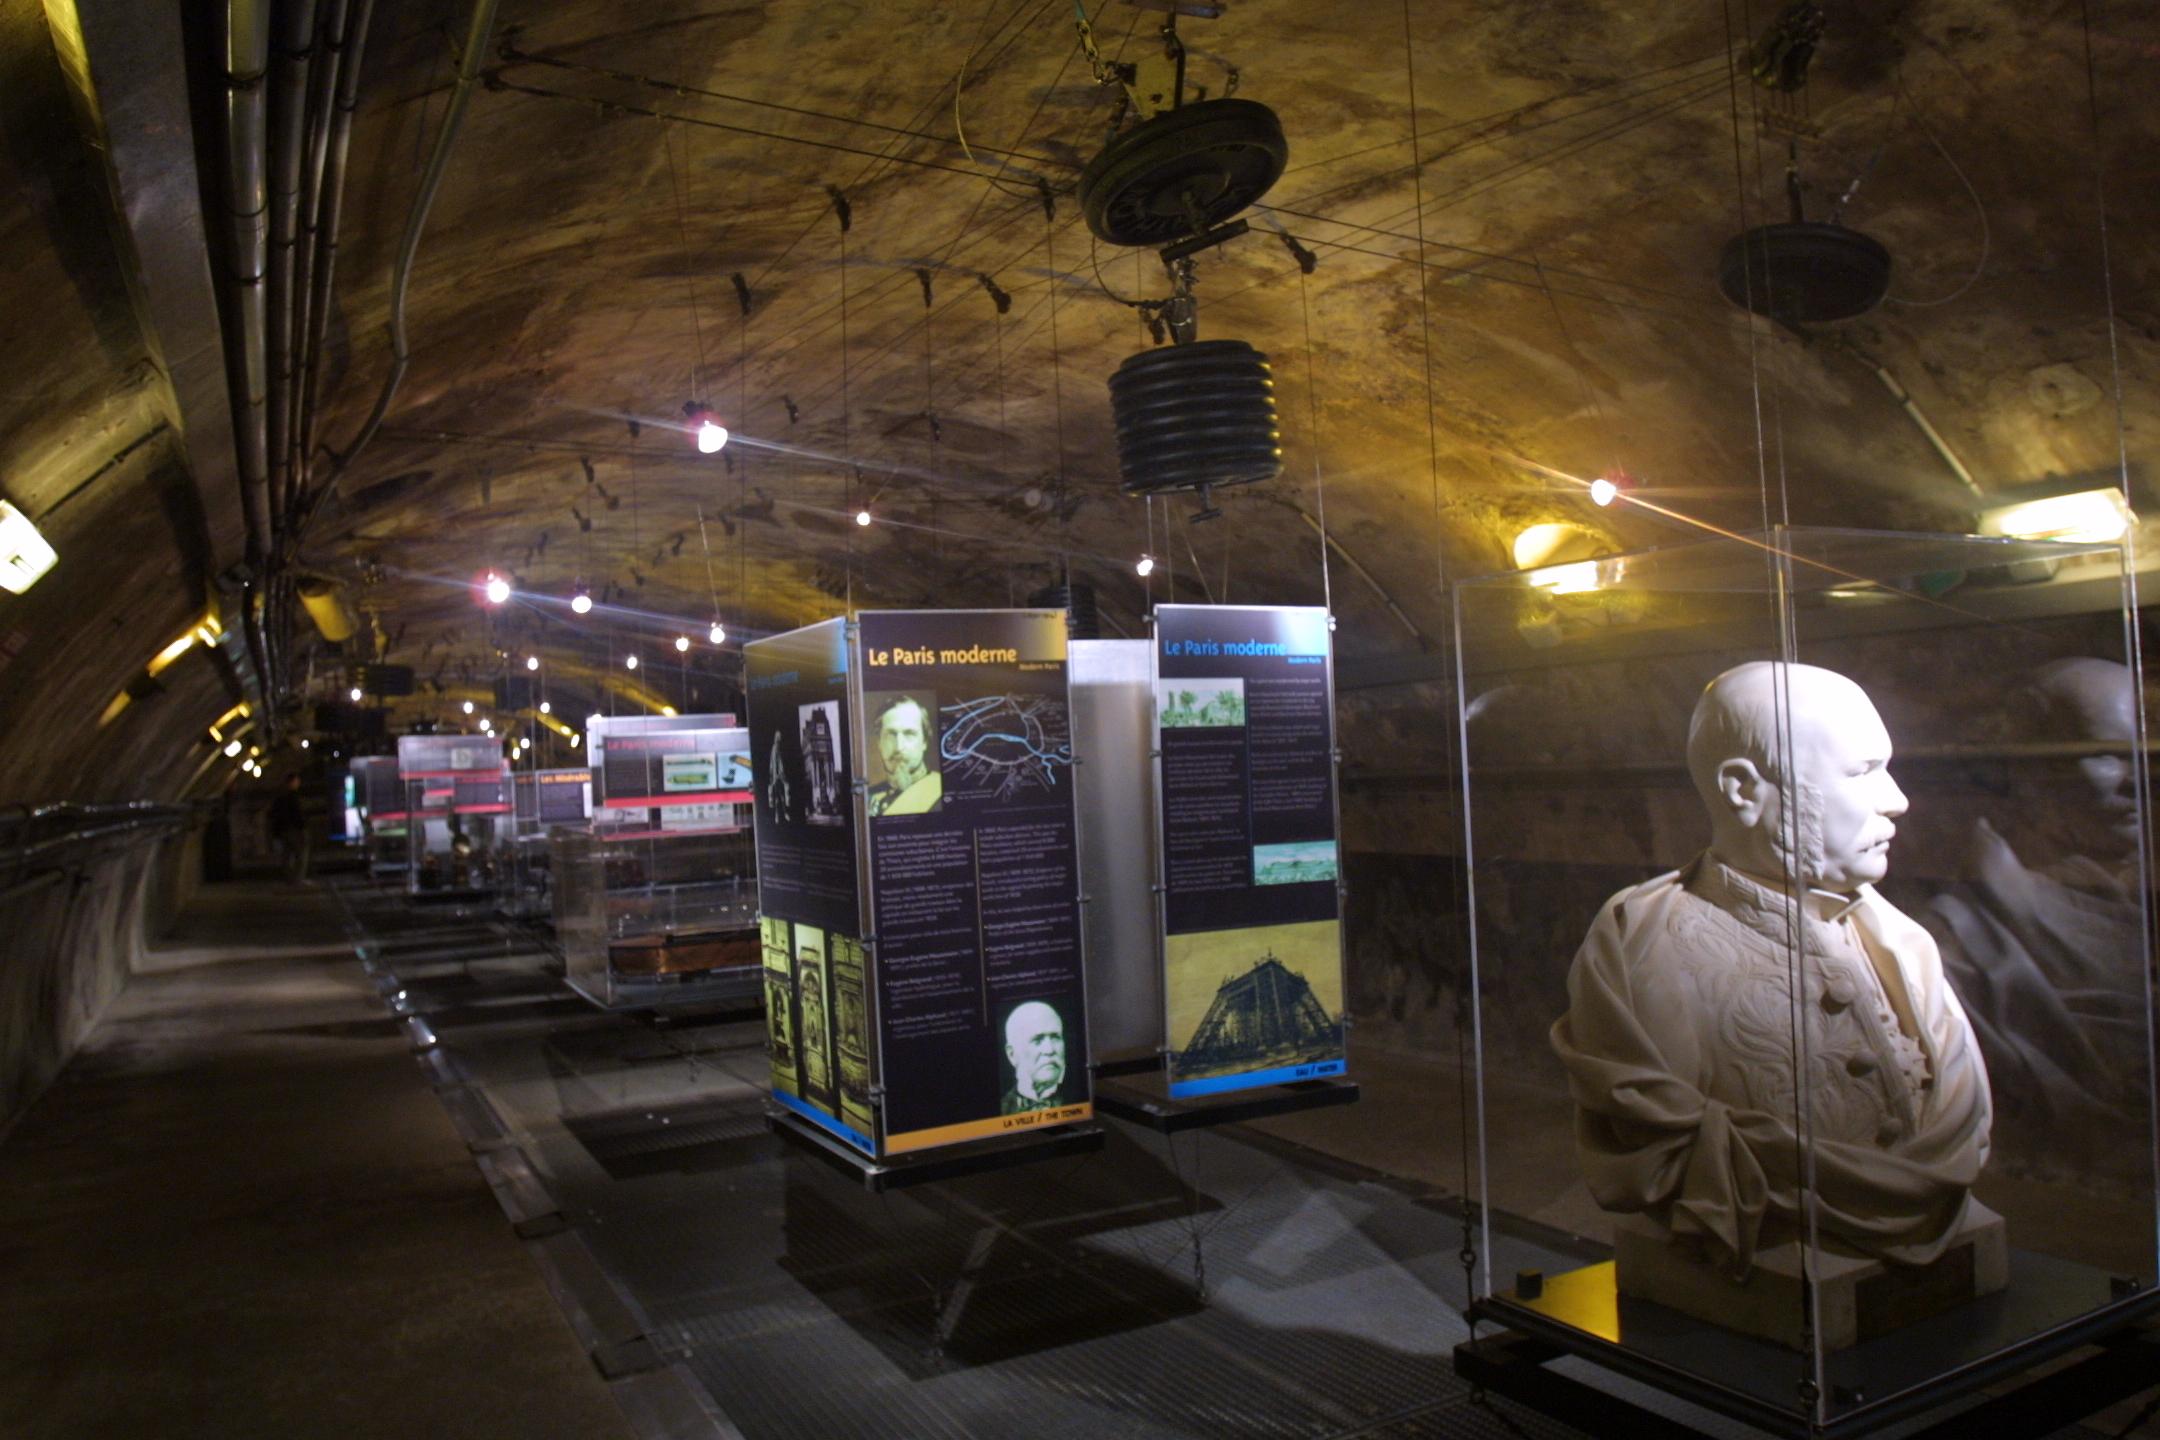 paris kanalizasyon müzesi